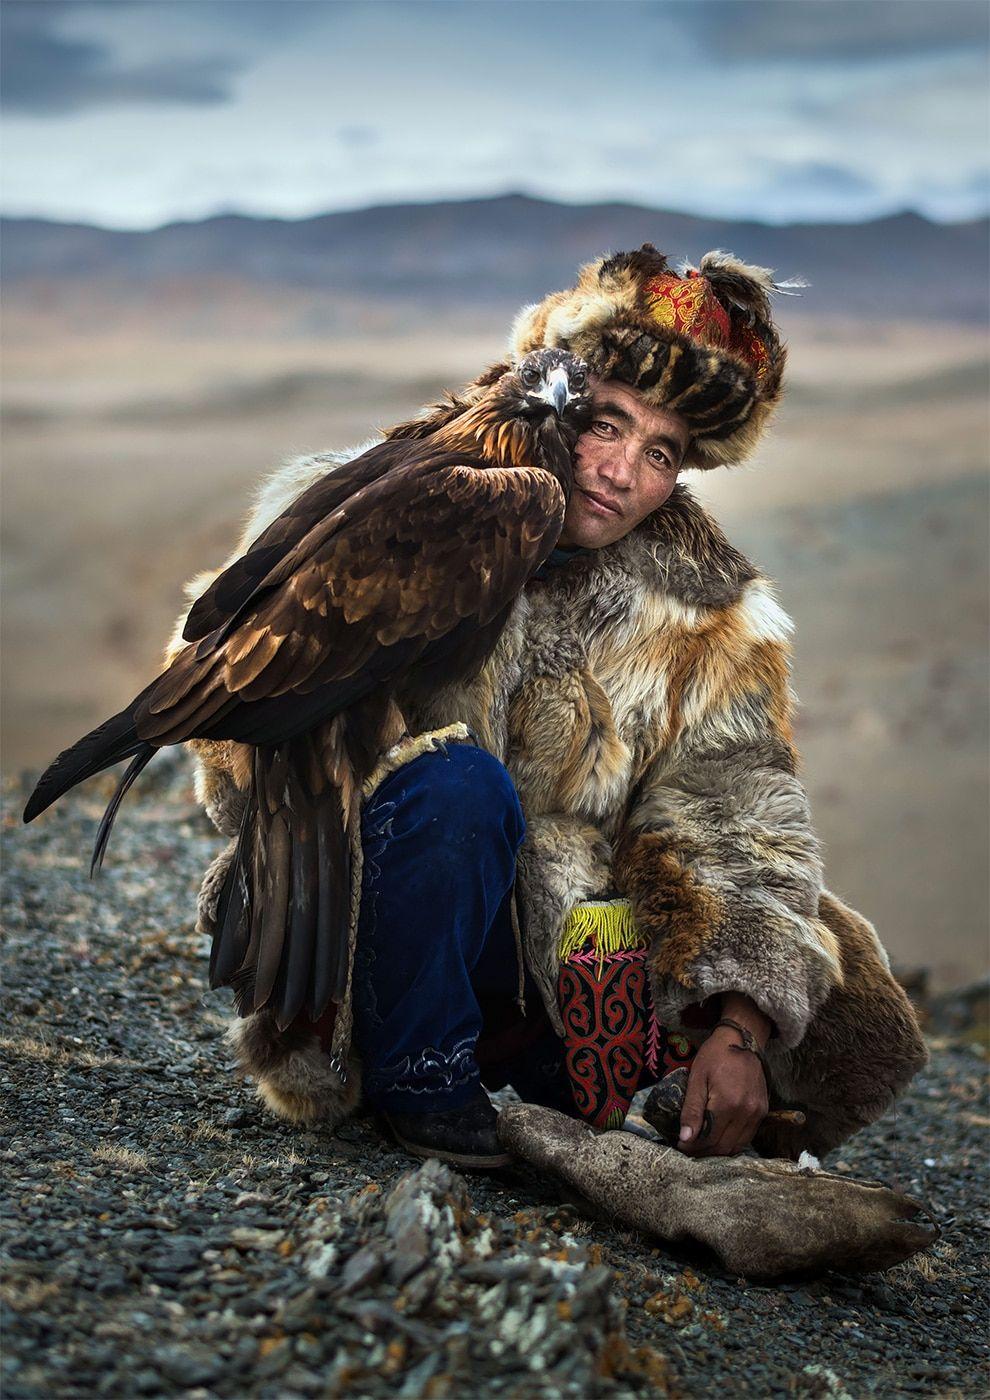 beautiful mongolian eagle picture daniel kordan